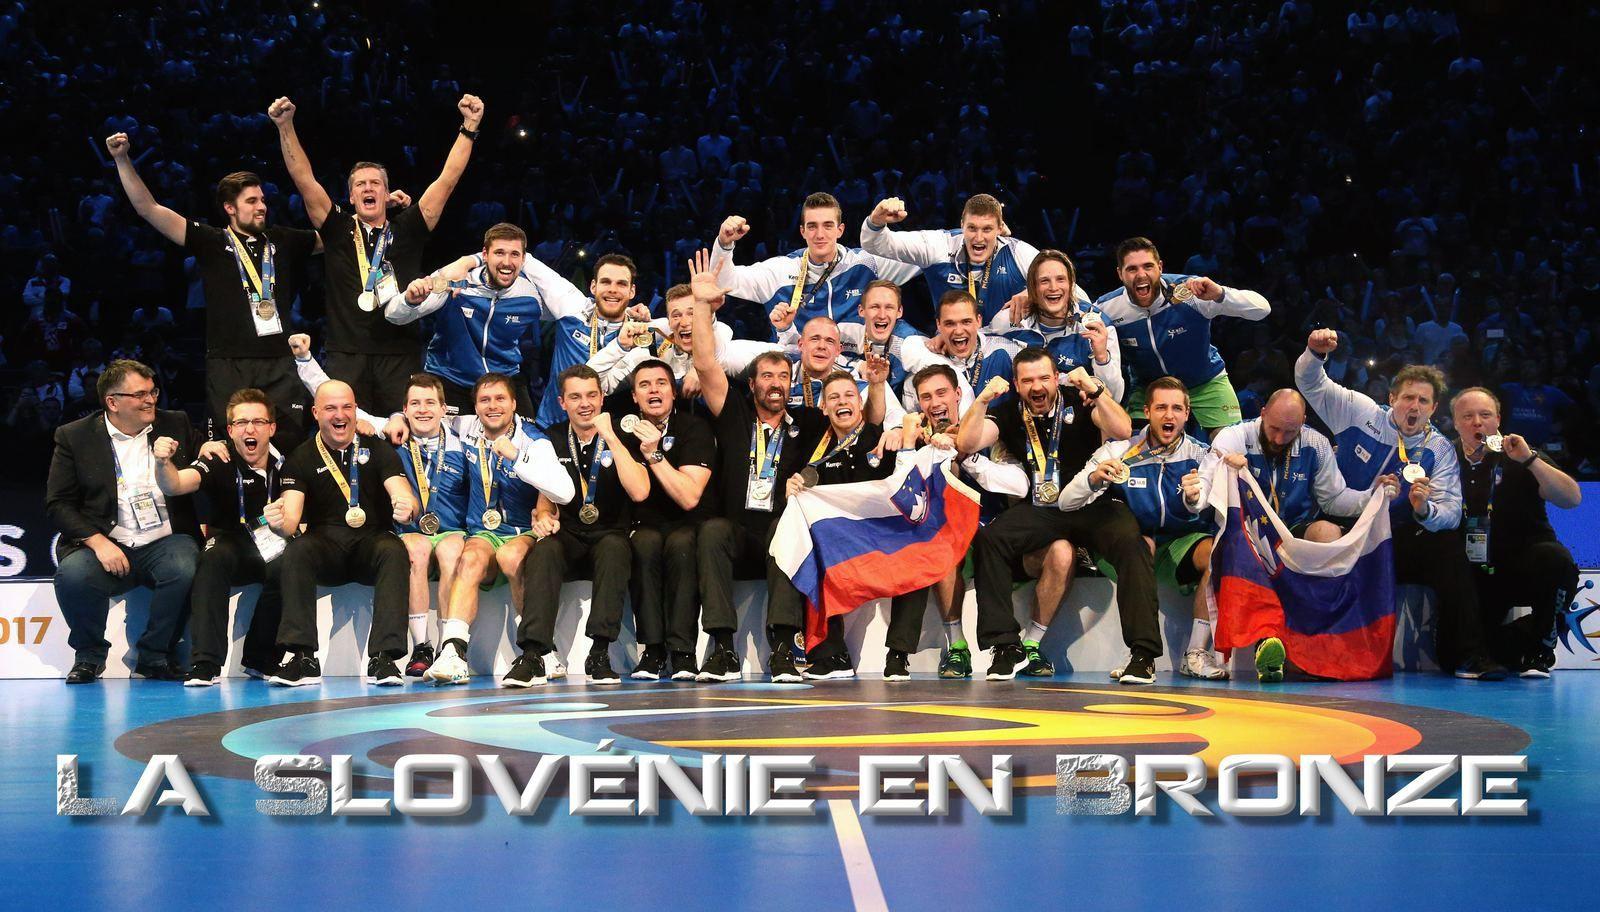 MONDIAL 2017  La Slovénie dans l'histoire au courage ! 28 janvier 2017